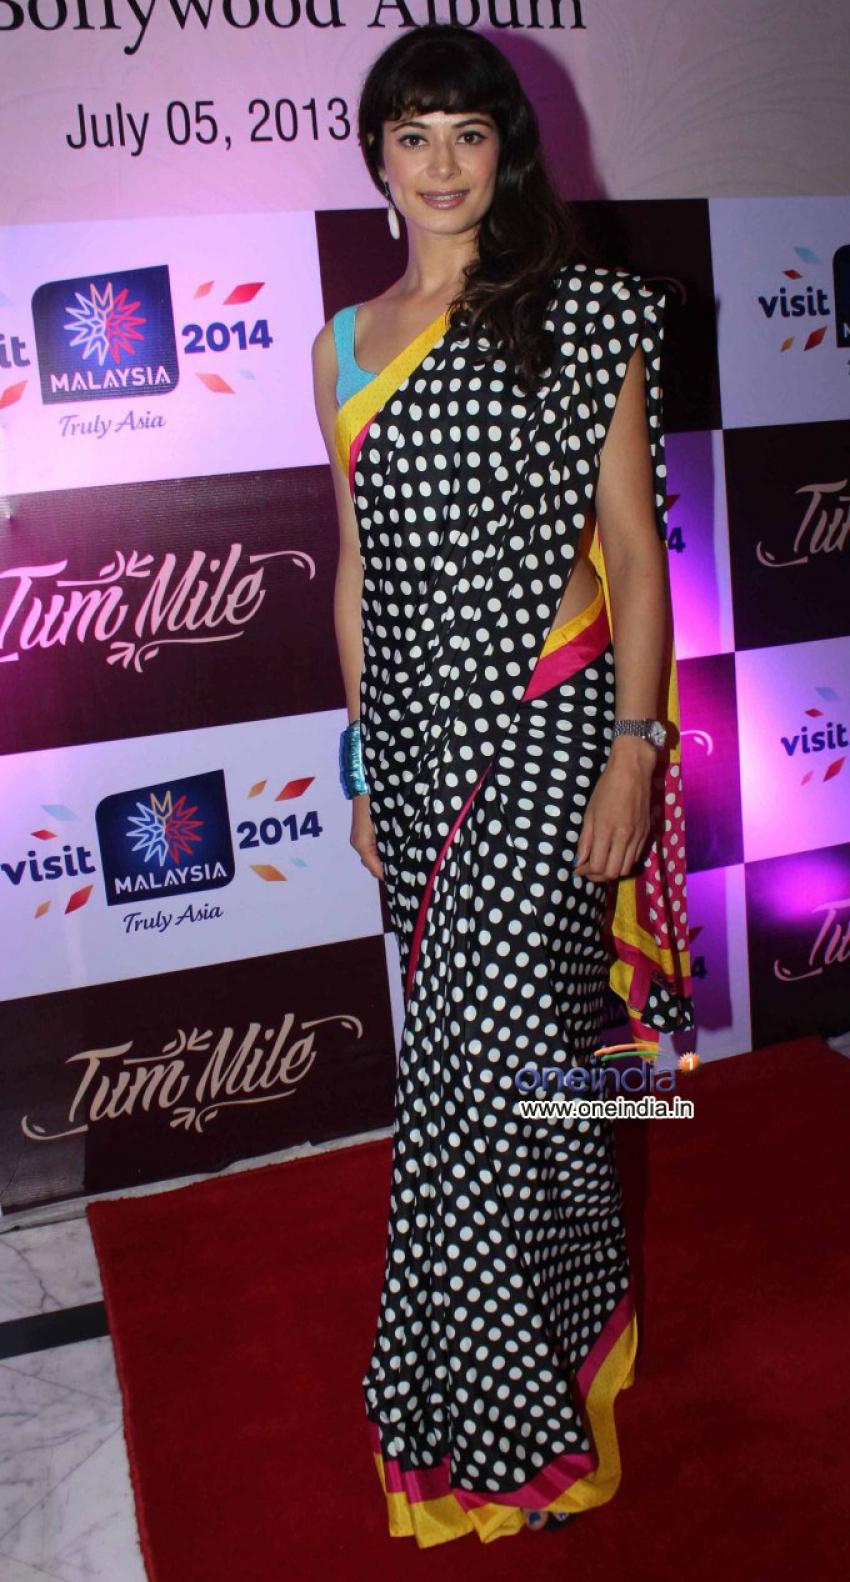 Launch of Indo-Malaysian music album Tum Mile Photos